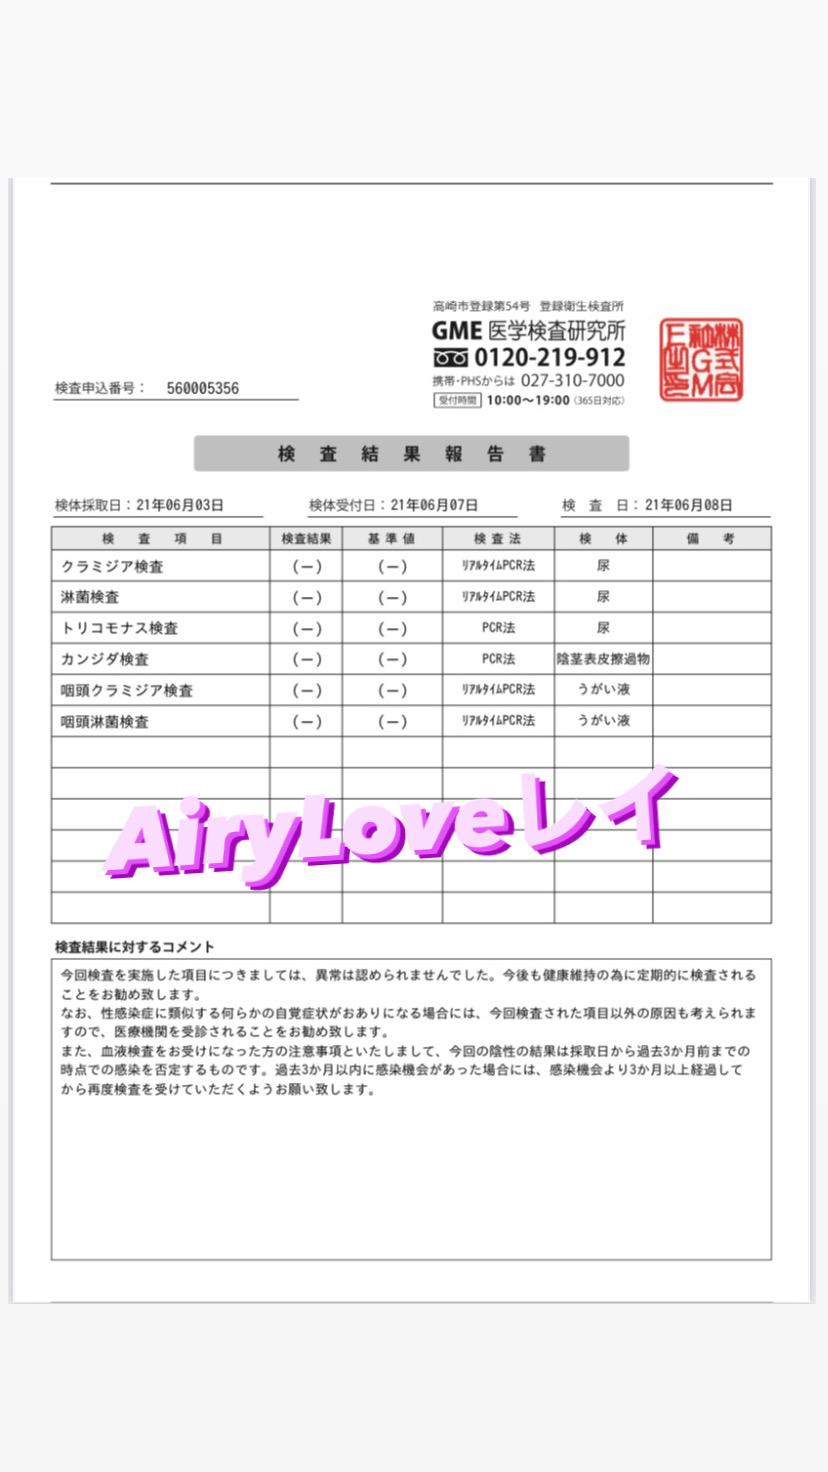 FF8622C1-0382-45EA-AADA-4C4E65A7C28D.jpeg